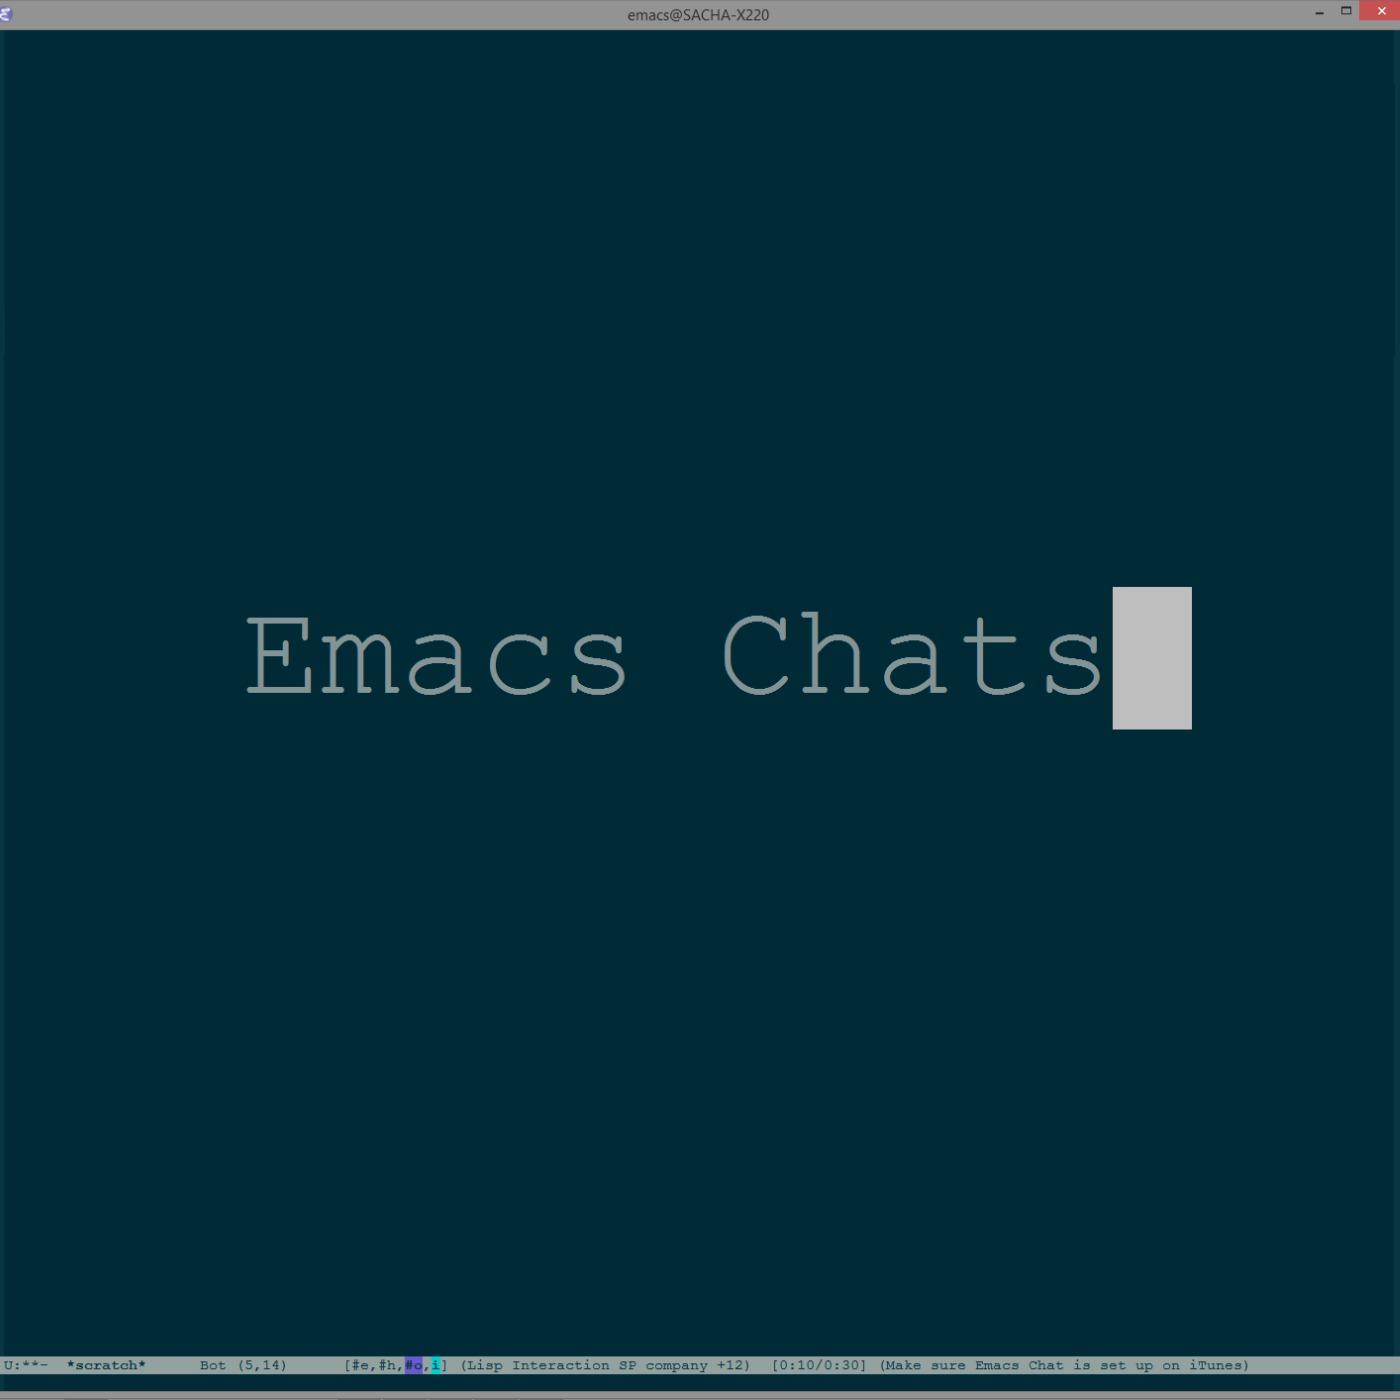 Emacs Chat